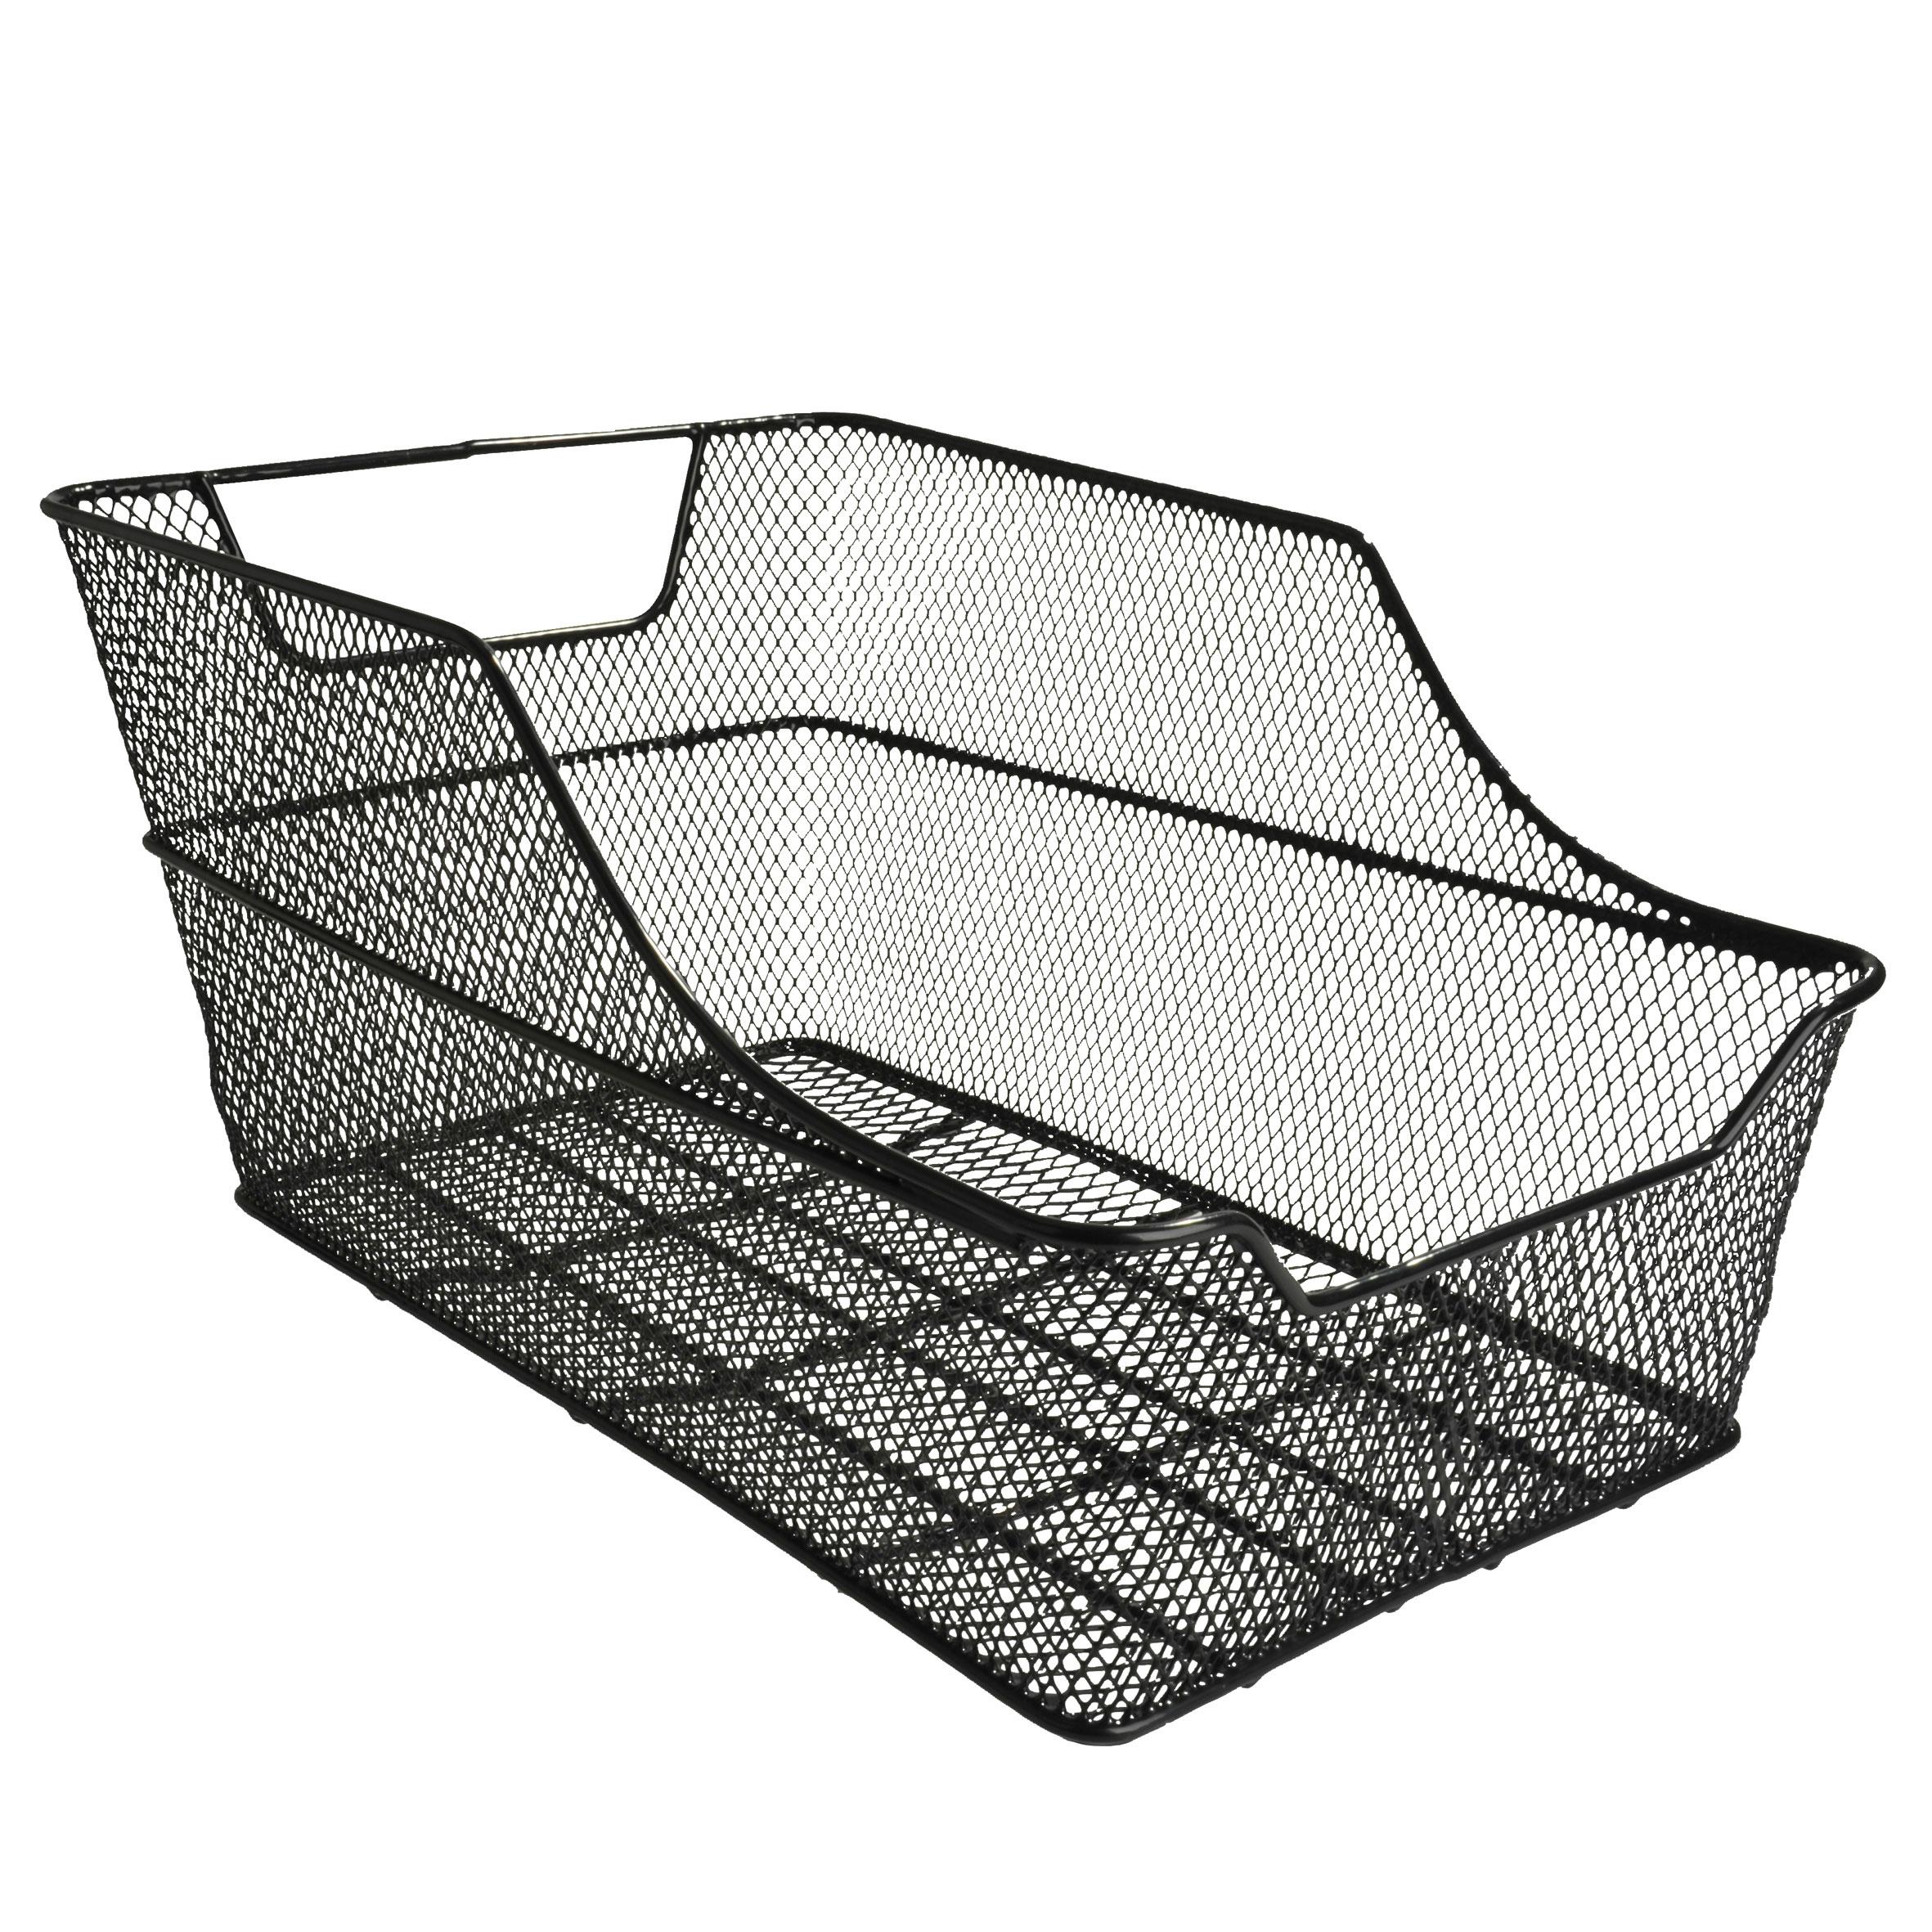 B-Ware Fischer Fahrradkorb / Korb Schultasche für Gepäckträger Bild 1